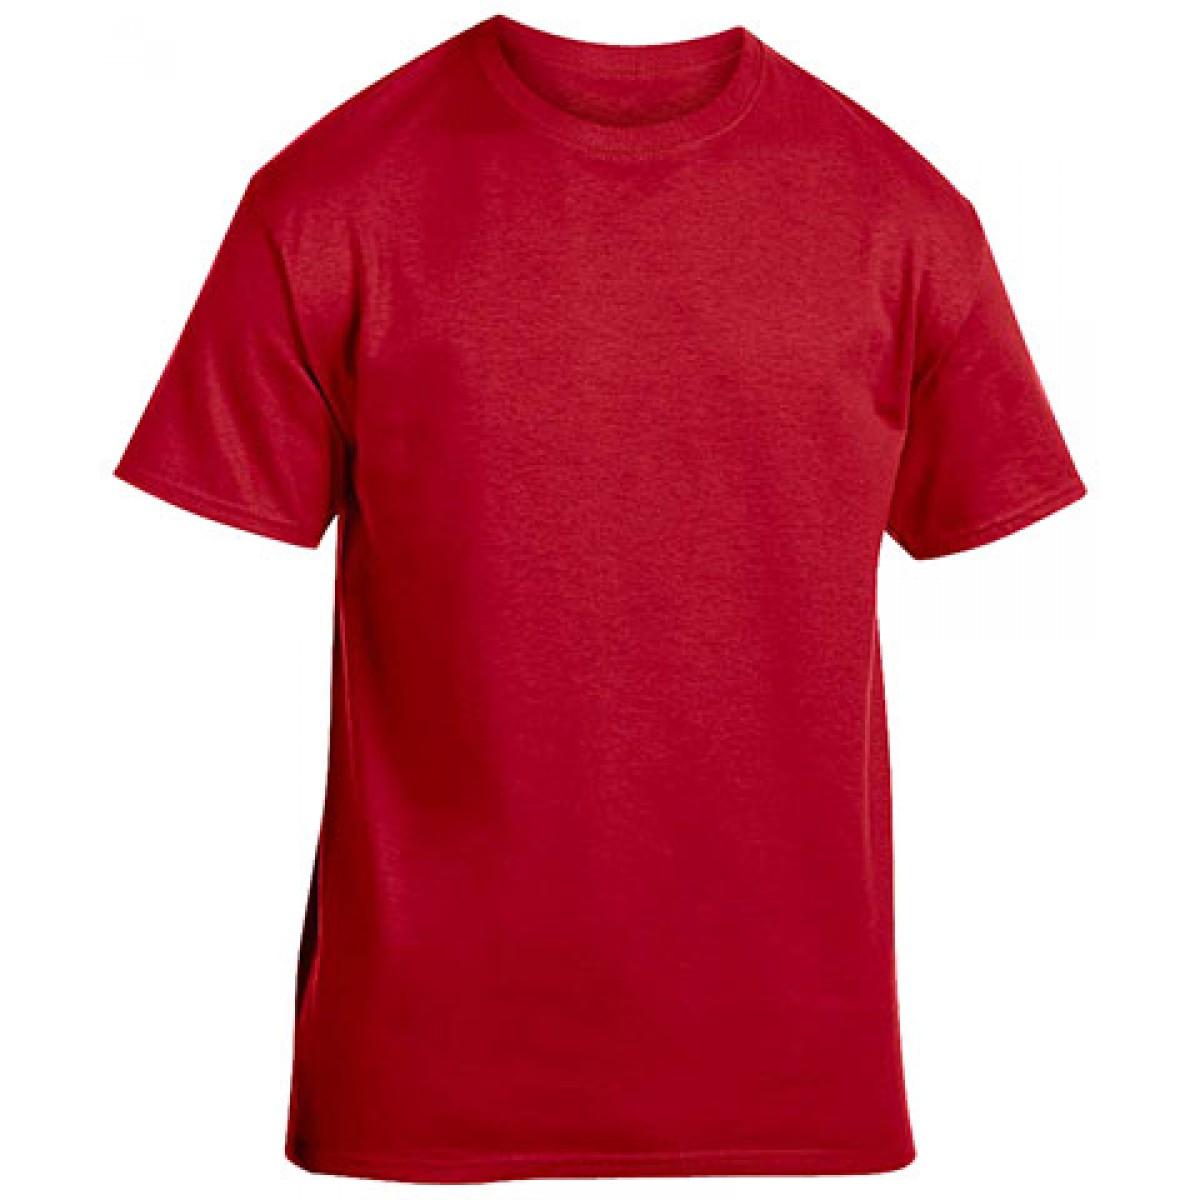 Cotton Short Sleeve T-Shirt-Cardinal Red-XL